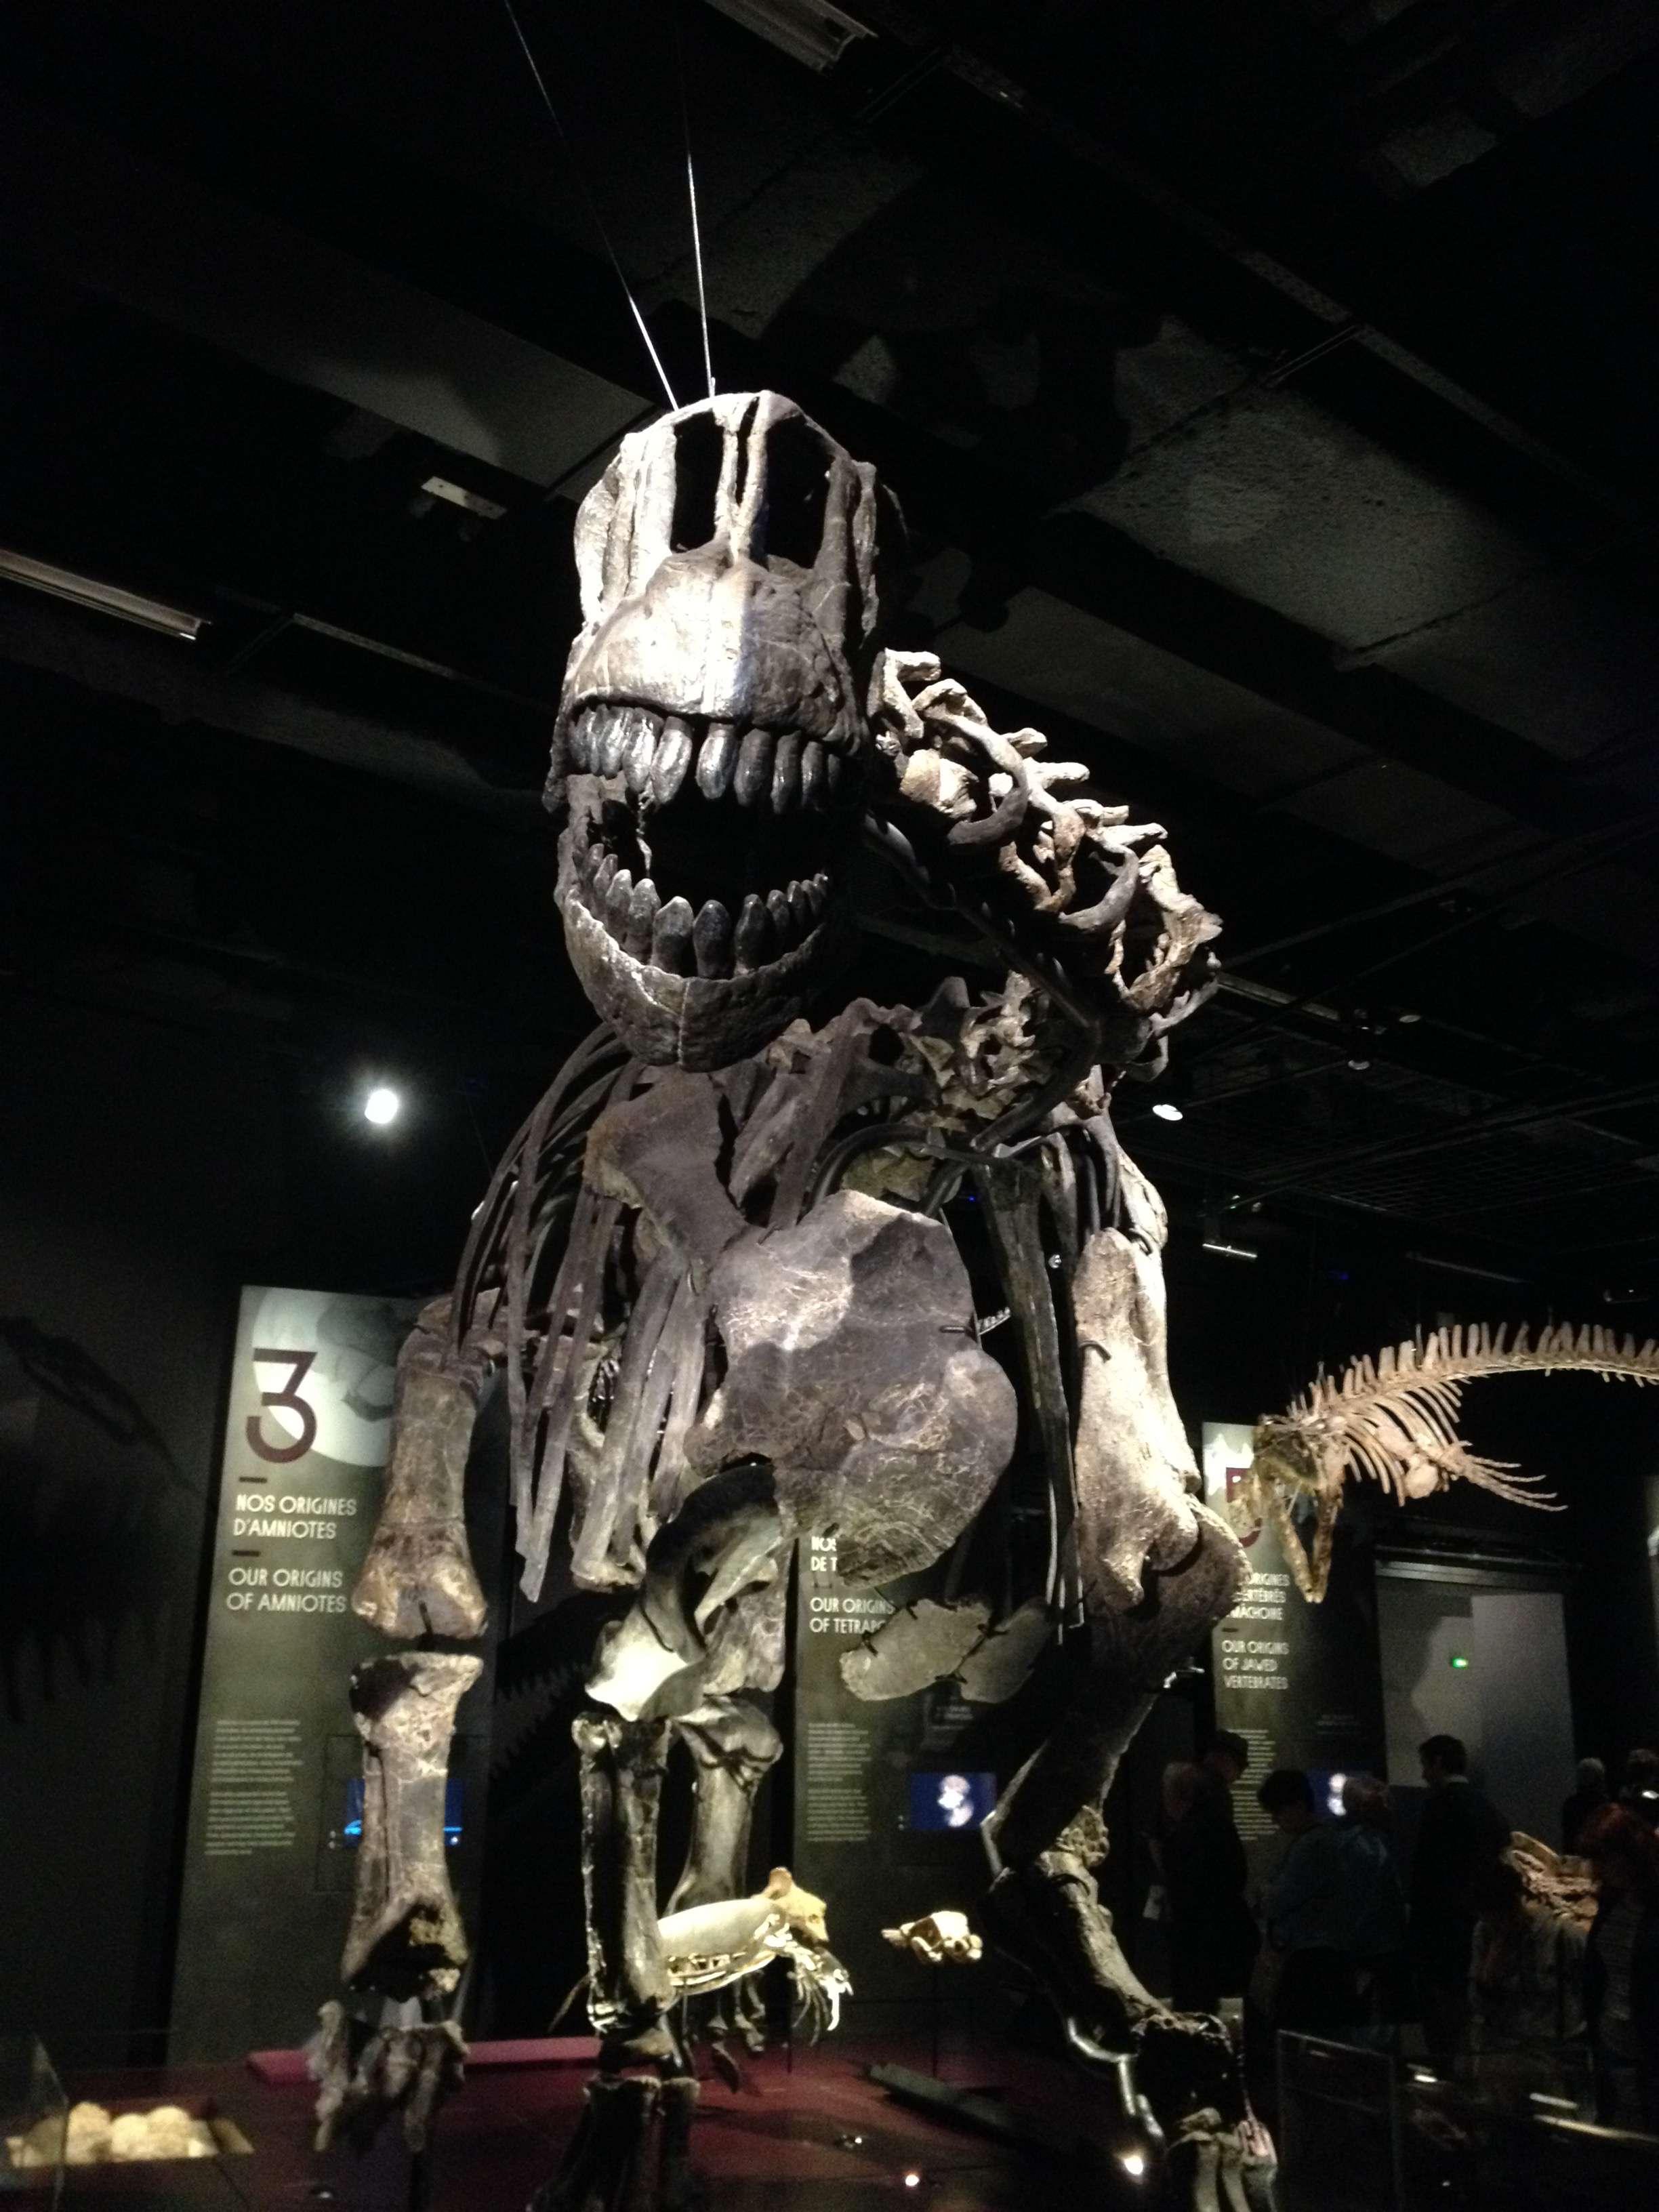 Scheleti de dinozauri în primele sàli